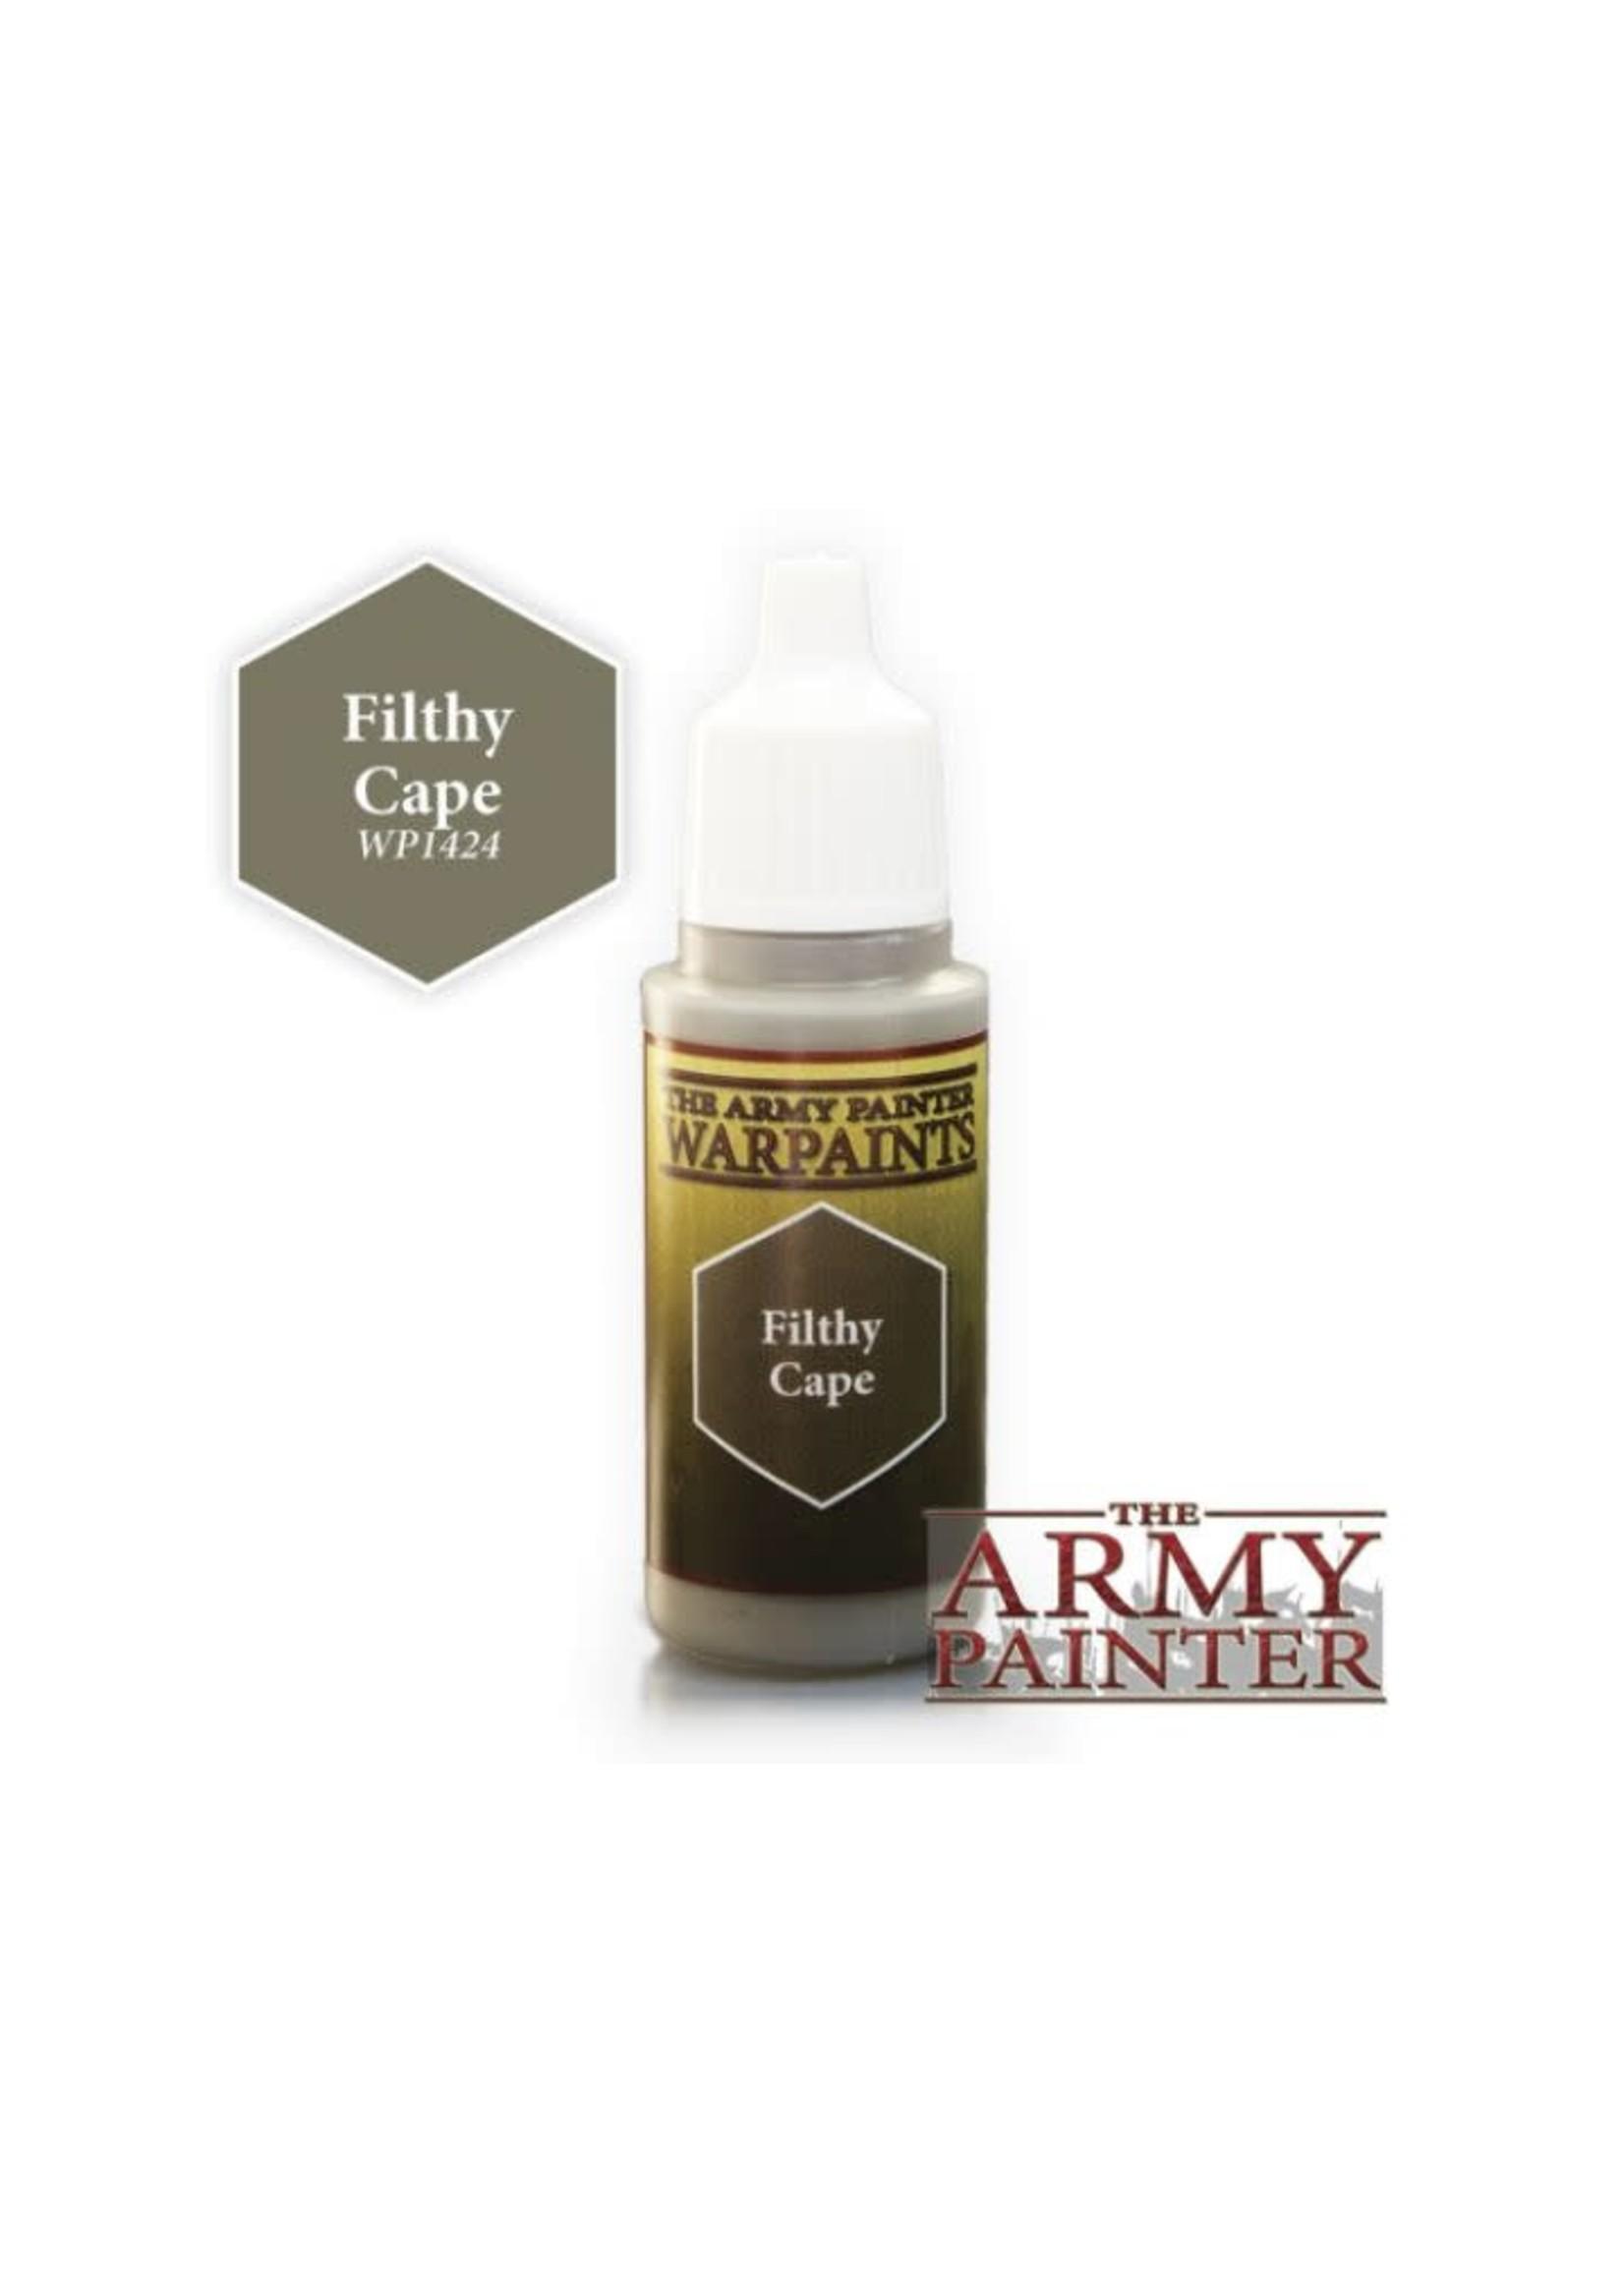 Army Painter Warpaints - Filthy Cape